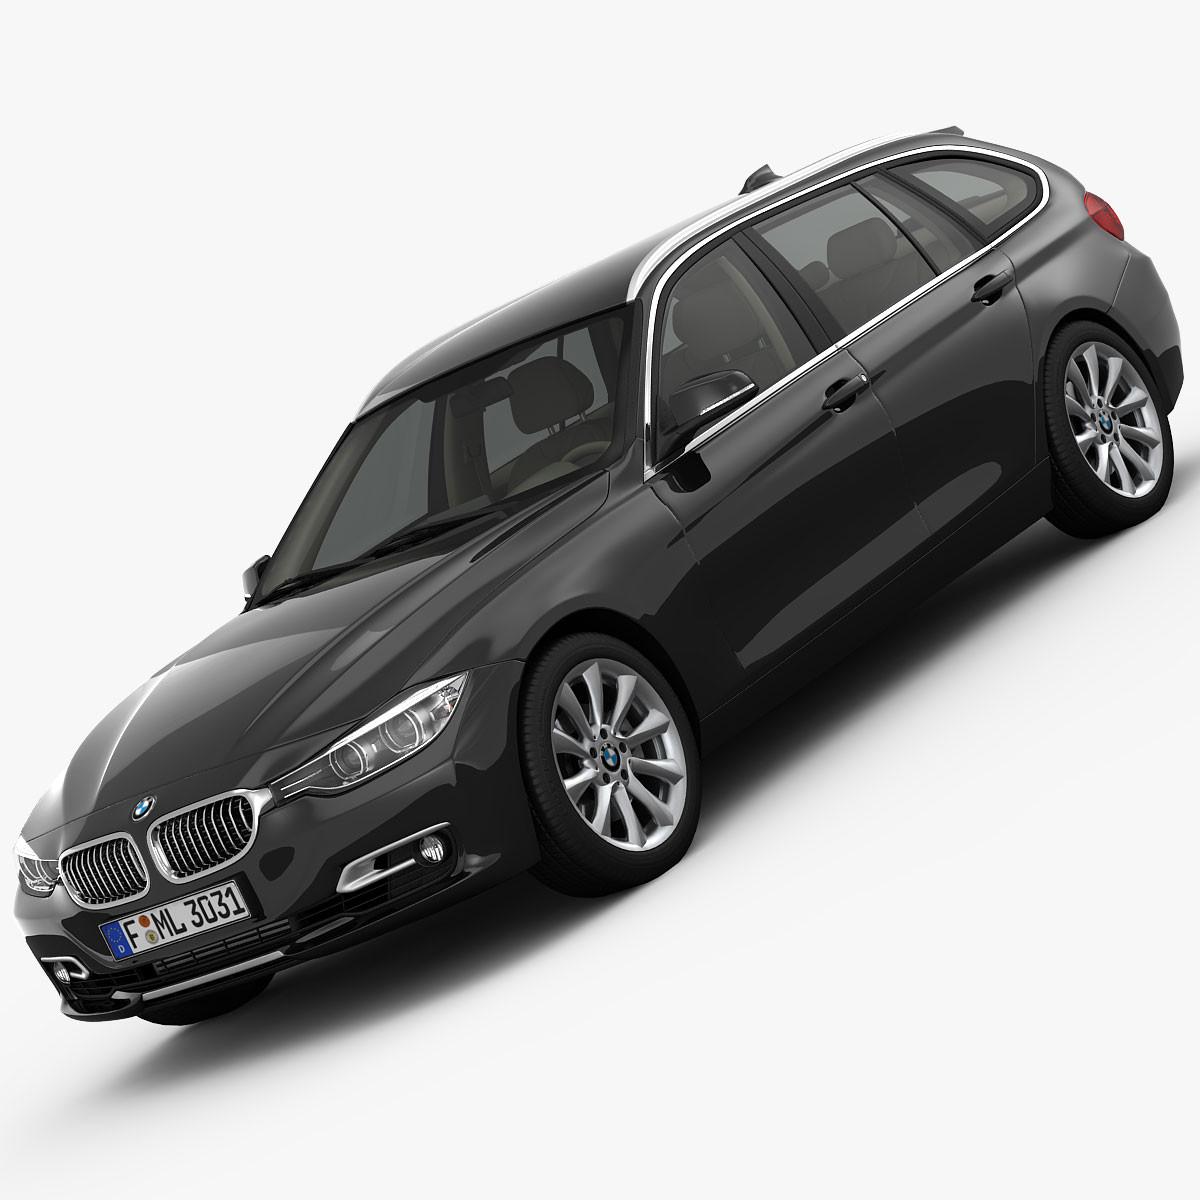 BMW-F31-1.jpg